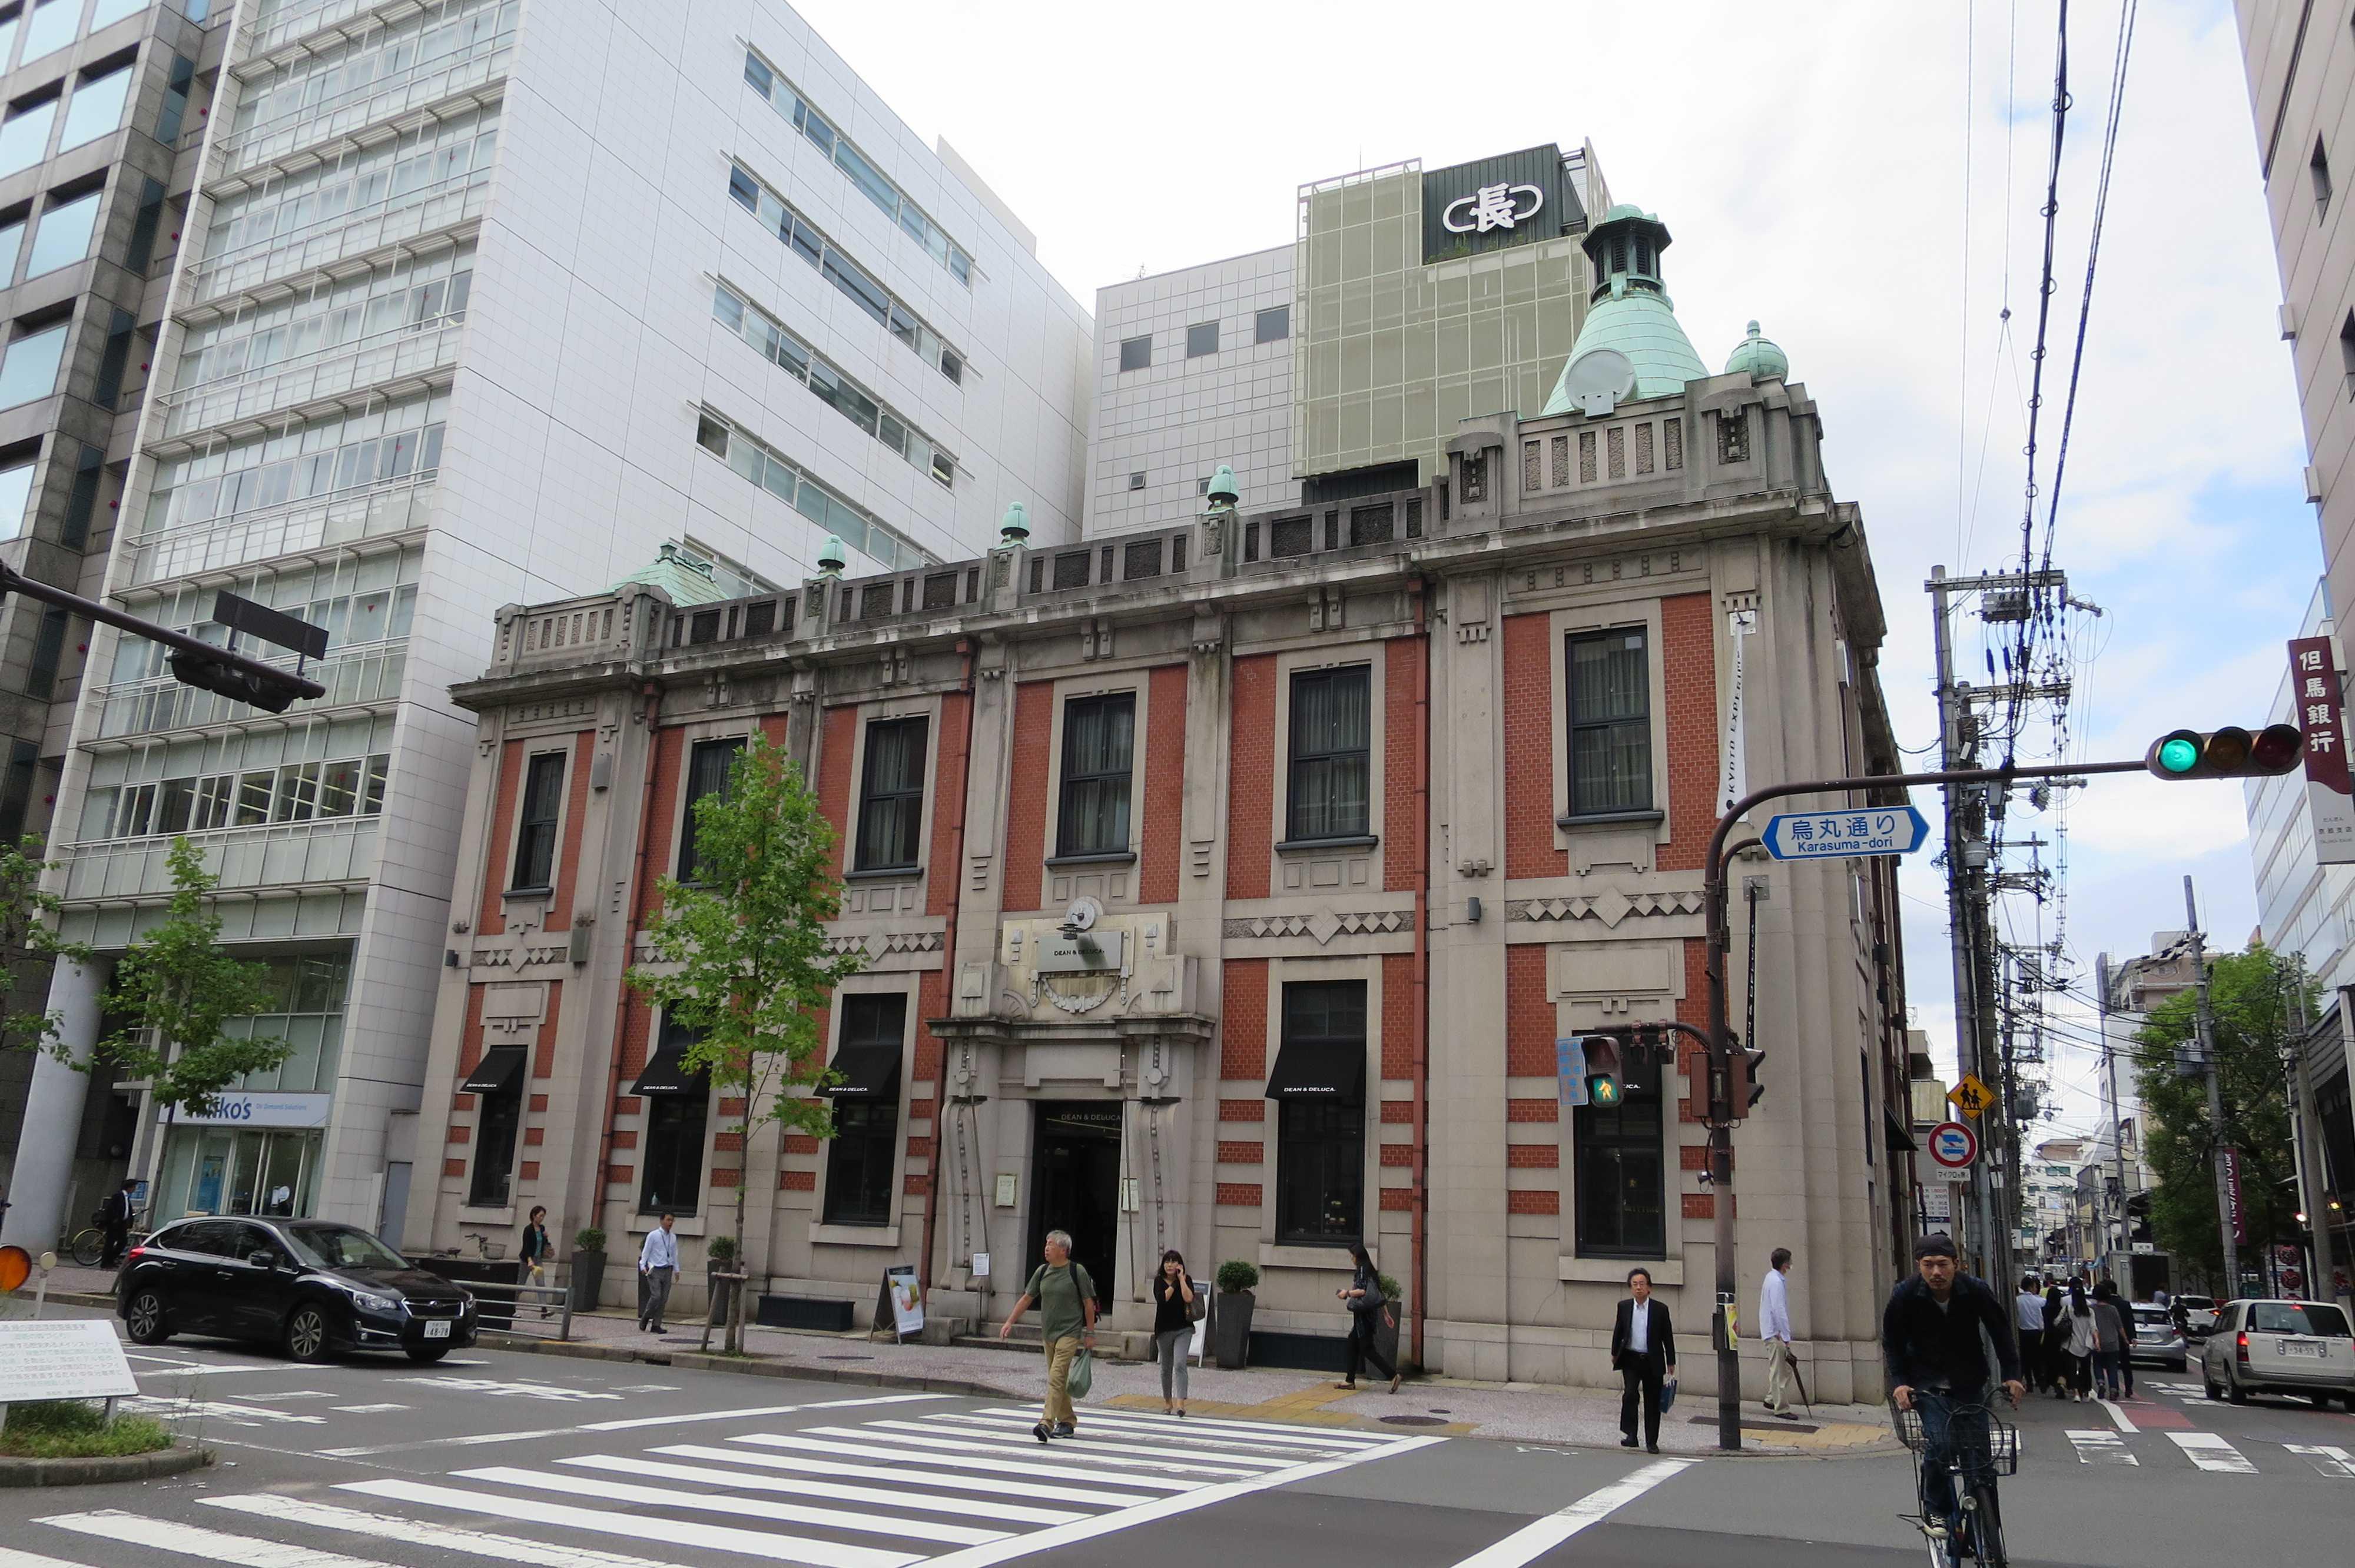 京都 - 烏丸通と蛸薬師通の交差点にあるレンガの建物(洋館)